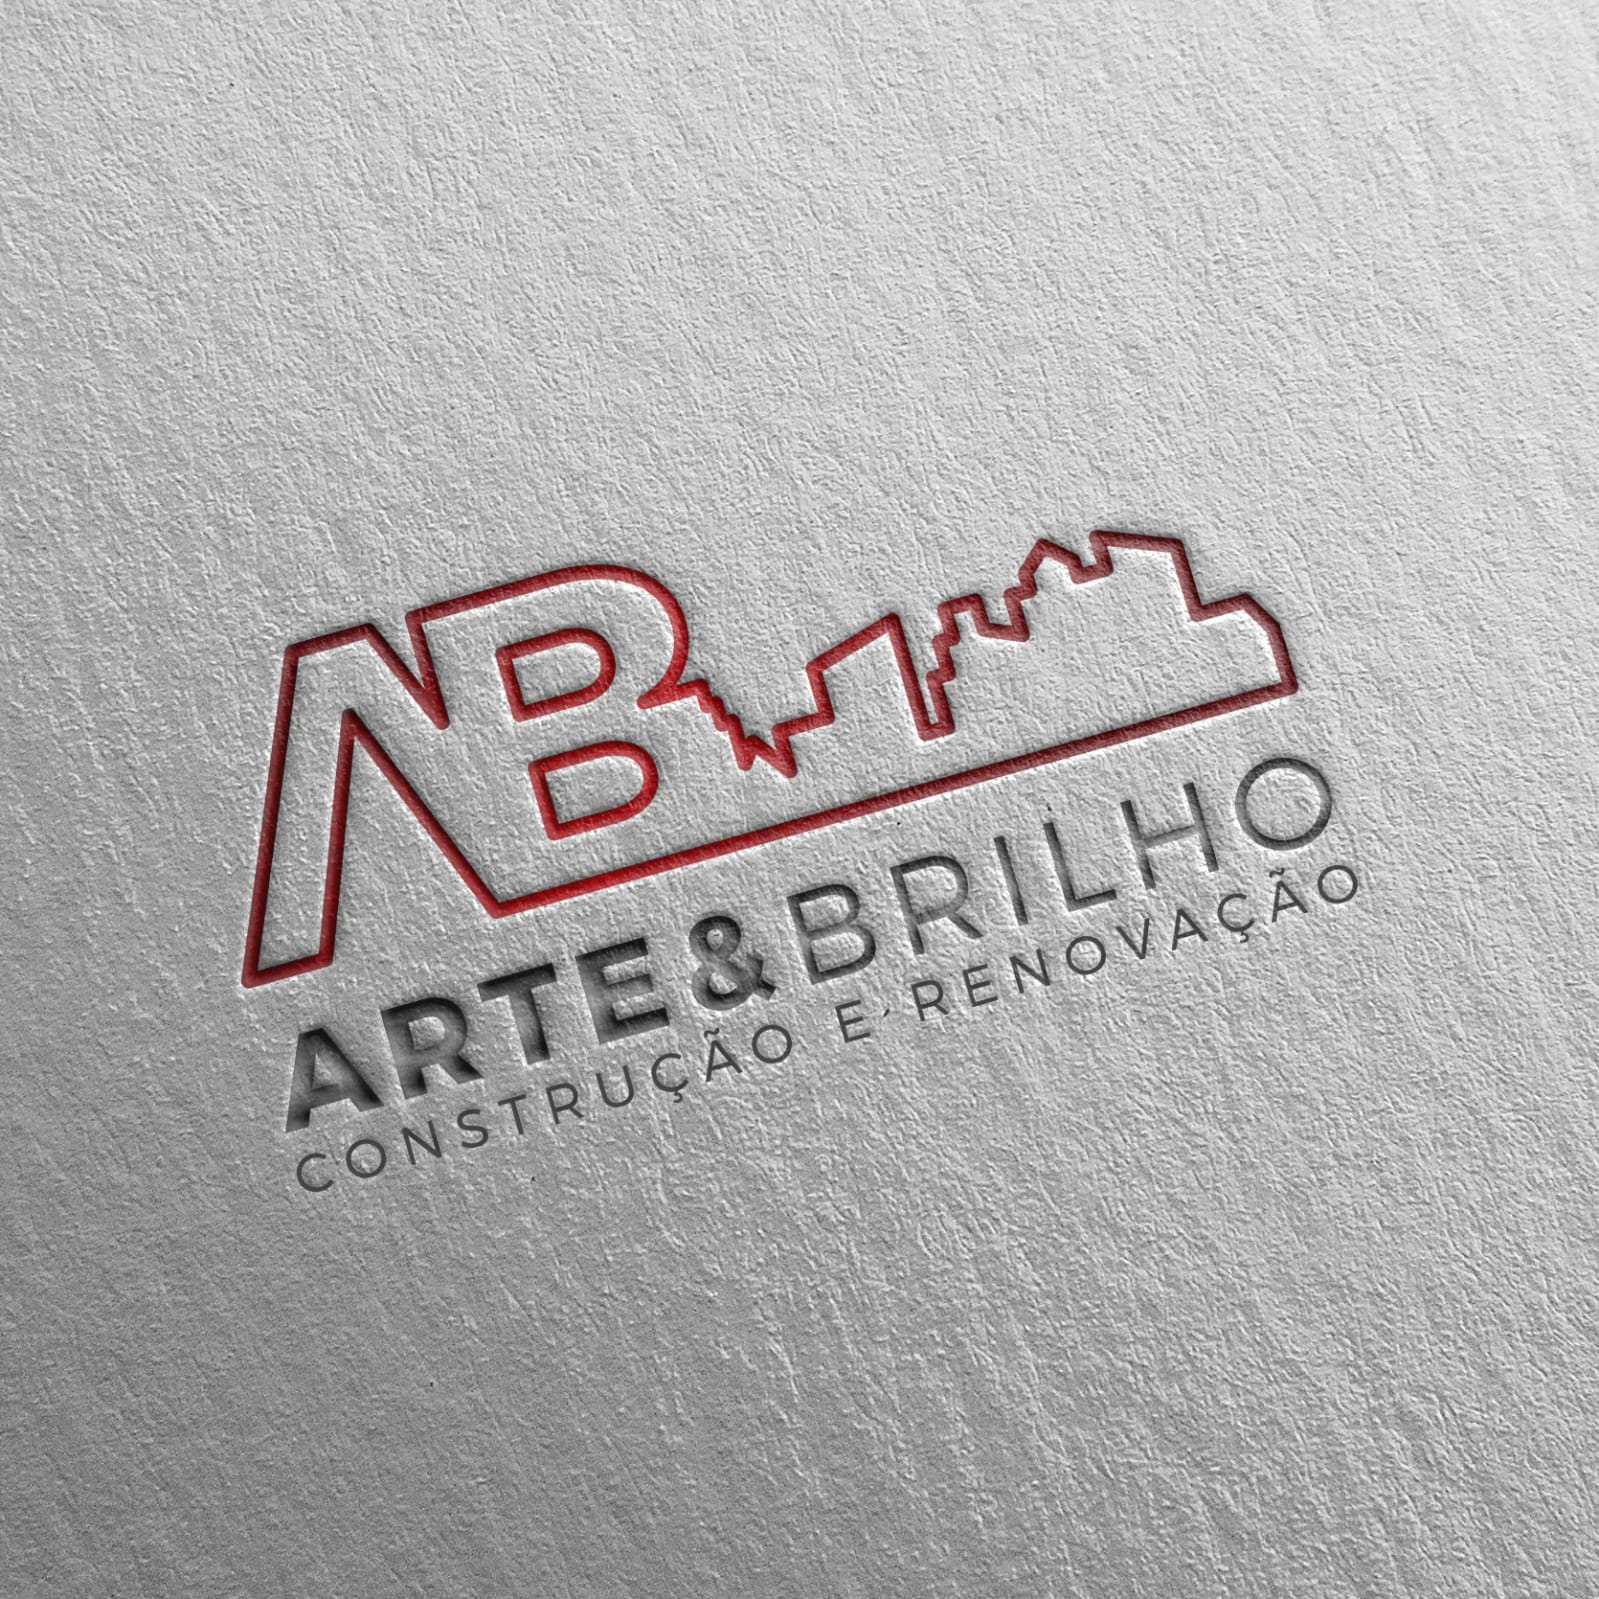 Arte & Brilho Construções e Remodelações